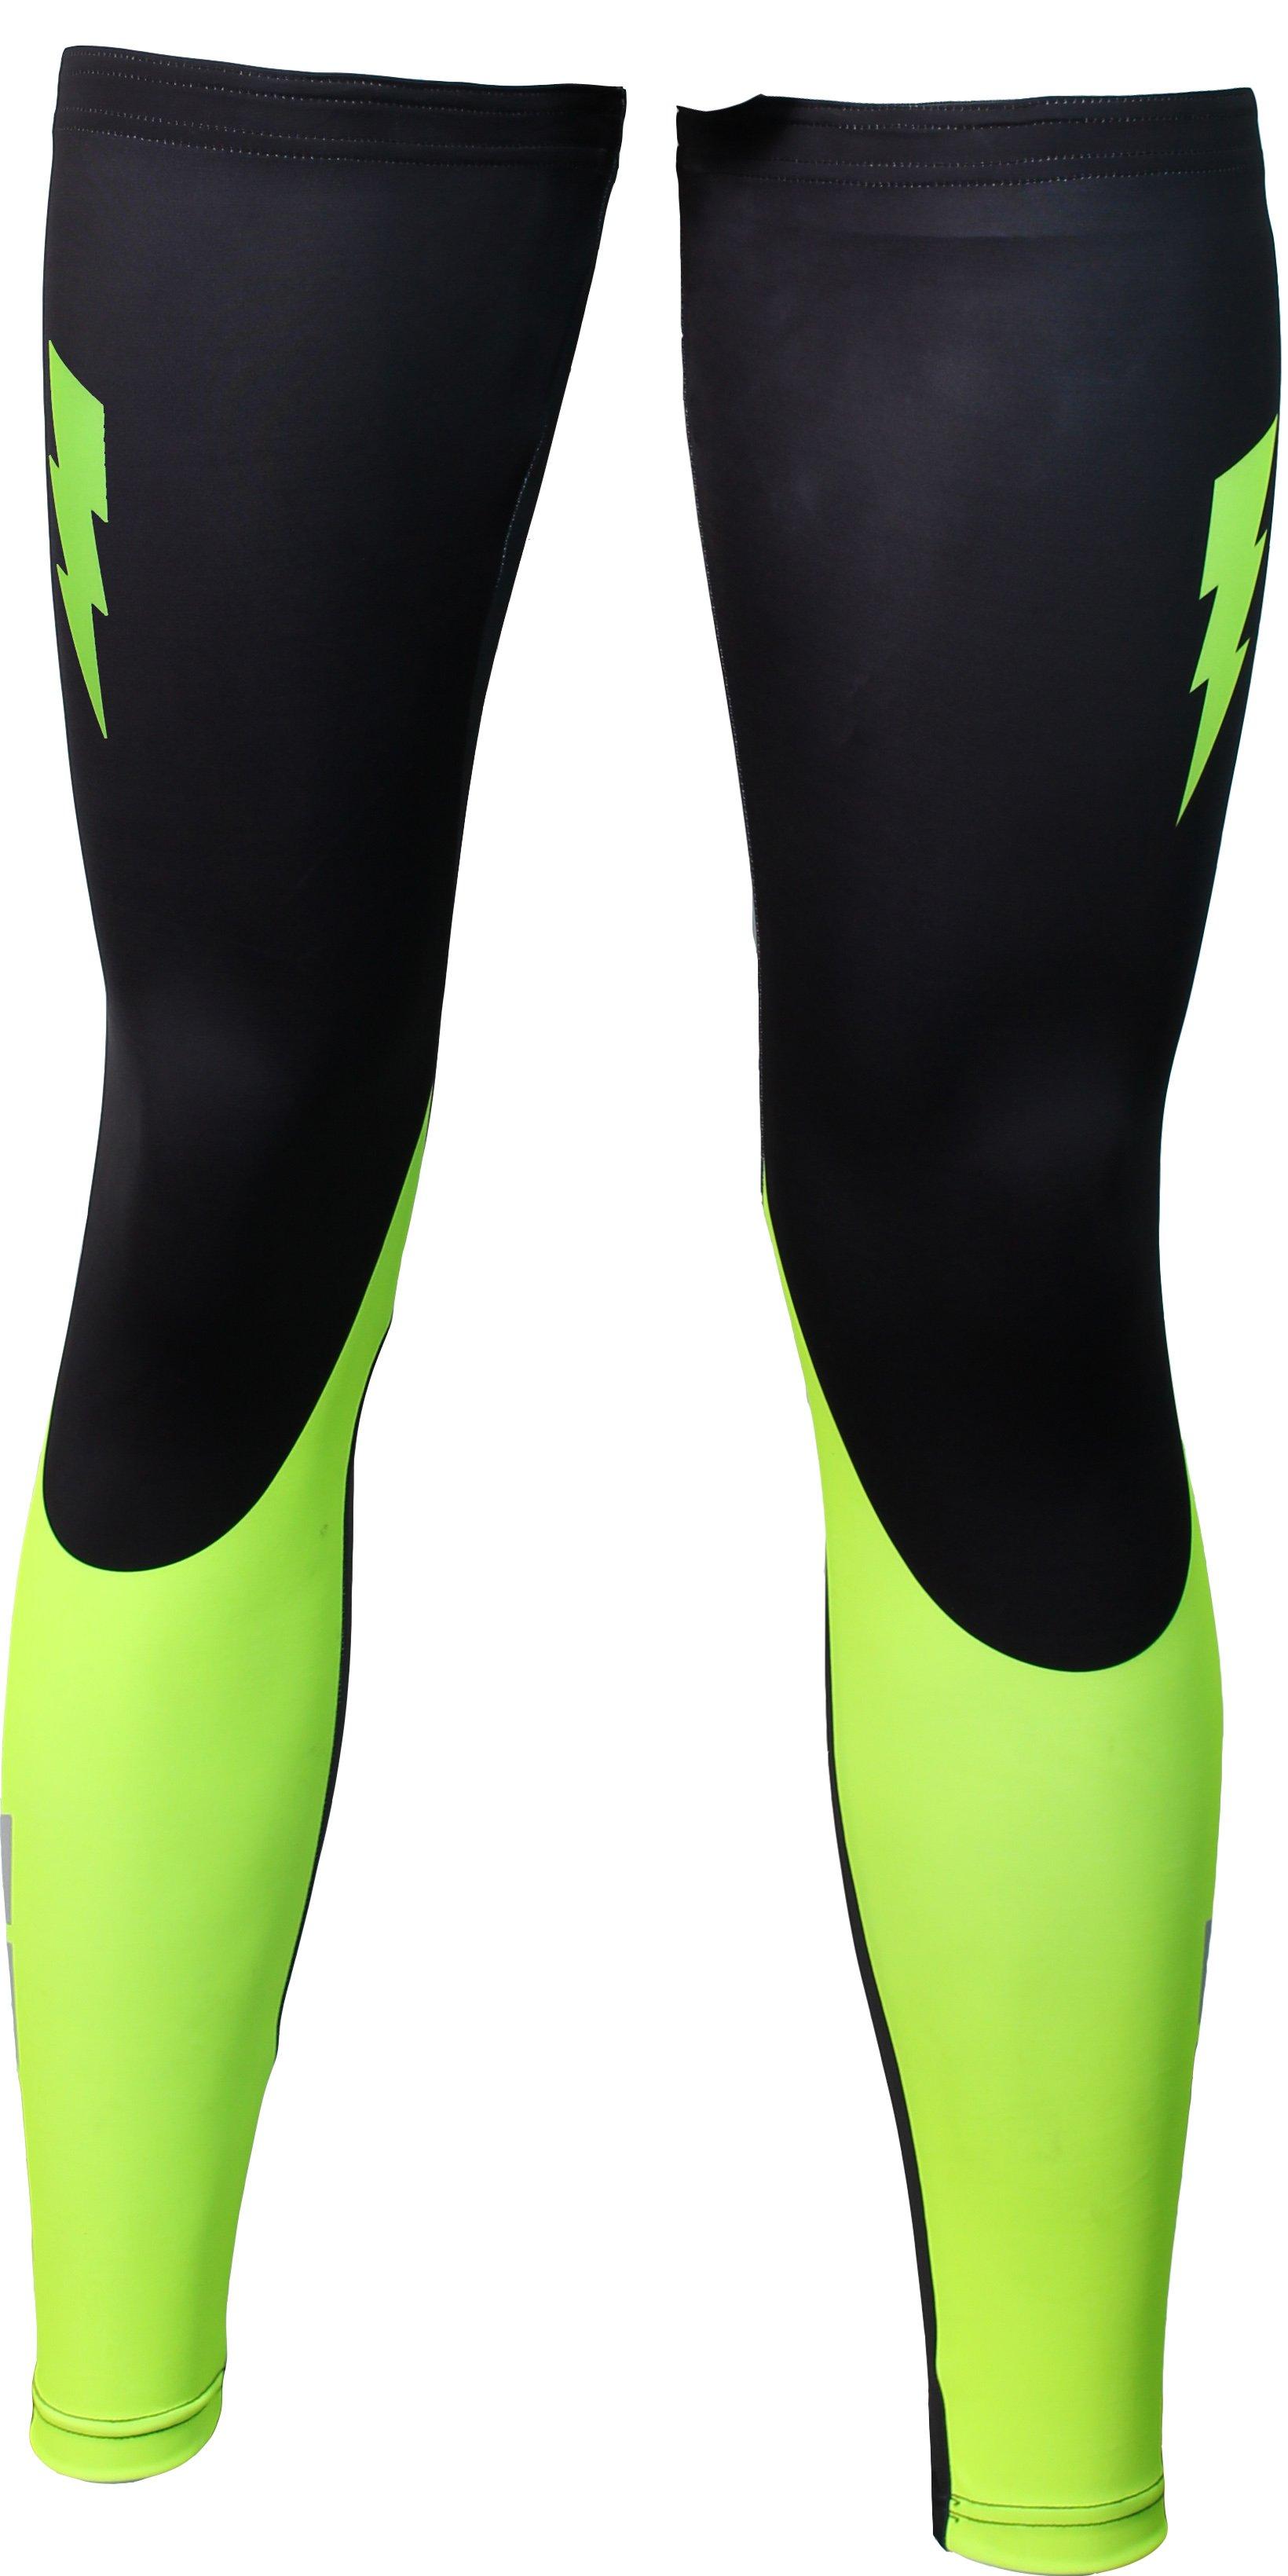 BikeBrother Energy benvarmer | Arm- og benvarmere